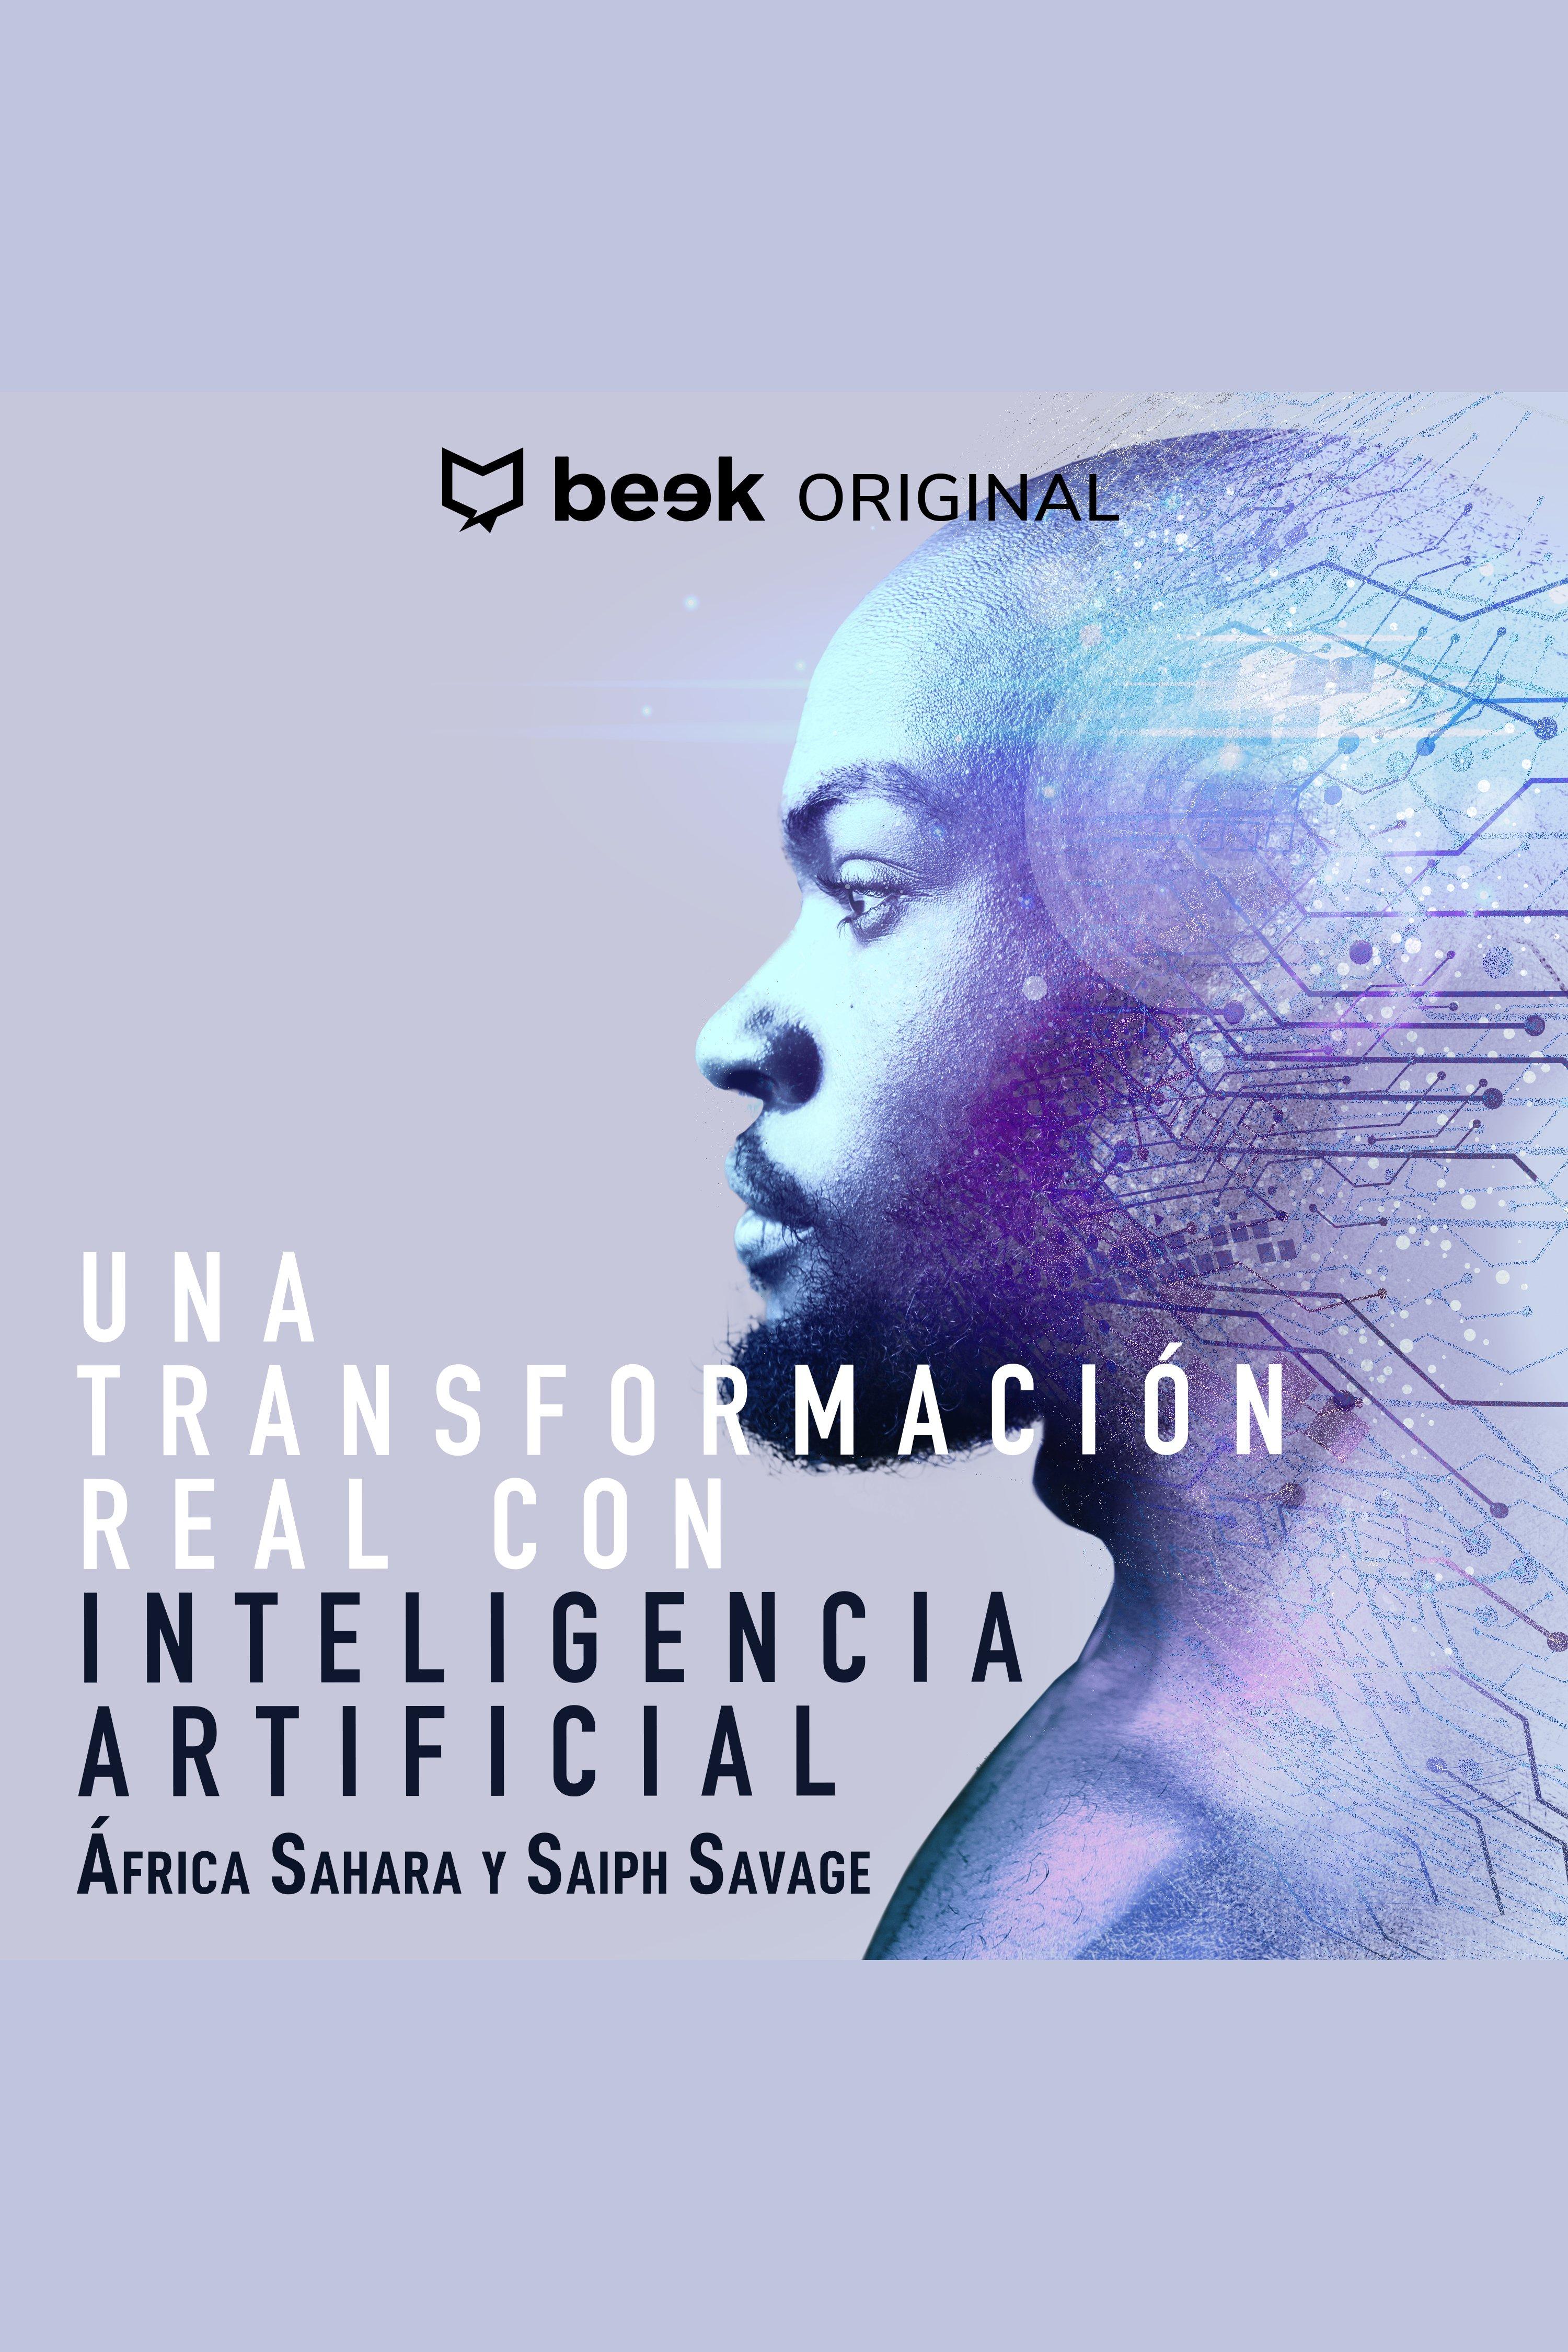 Esta es la portada del audiolibro Una transformación real con inteligencia artificial